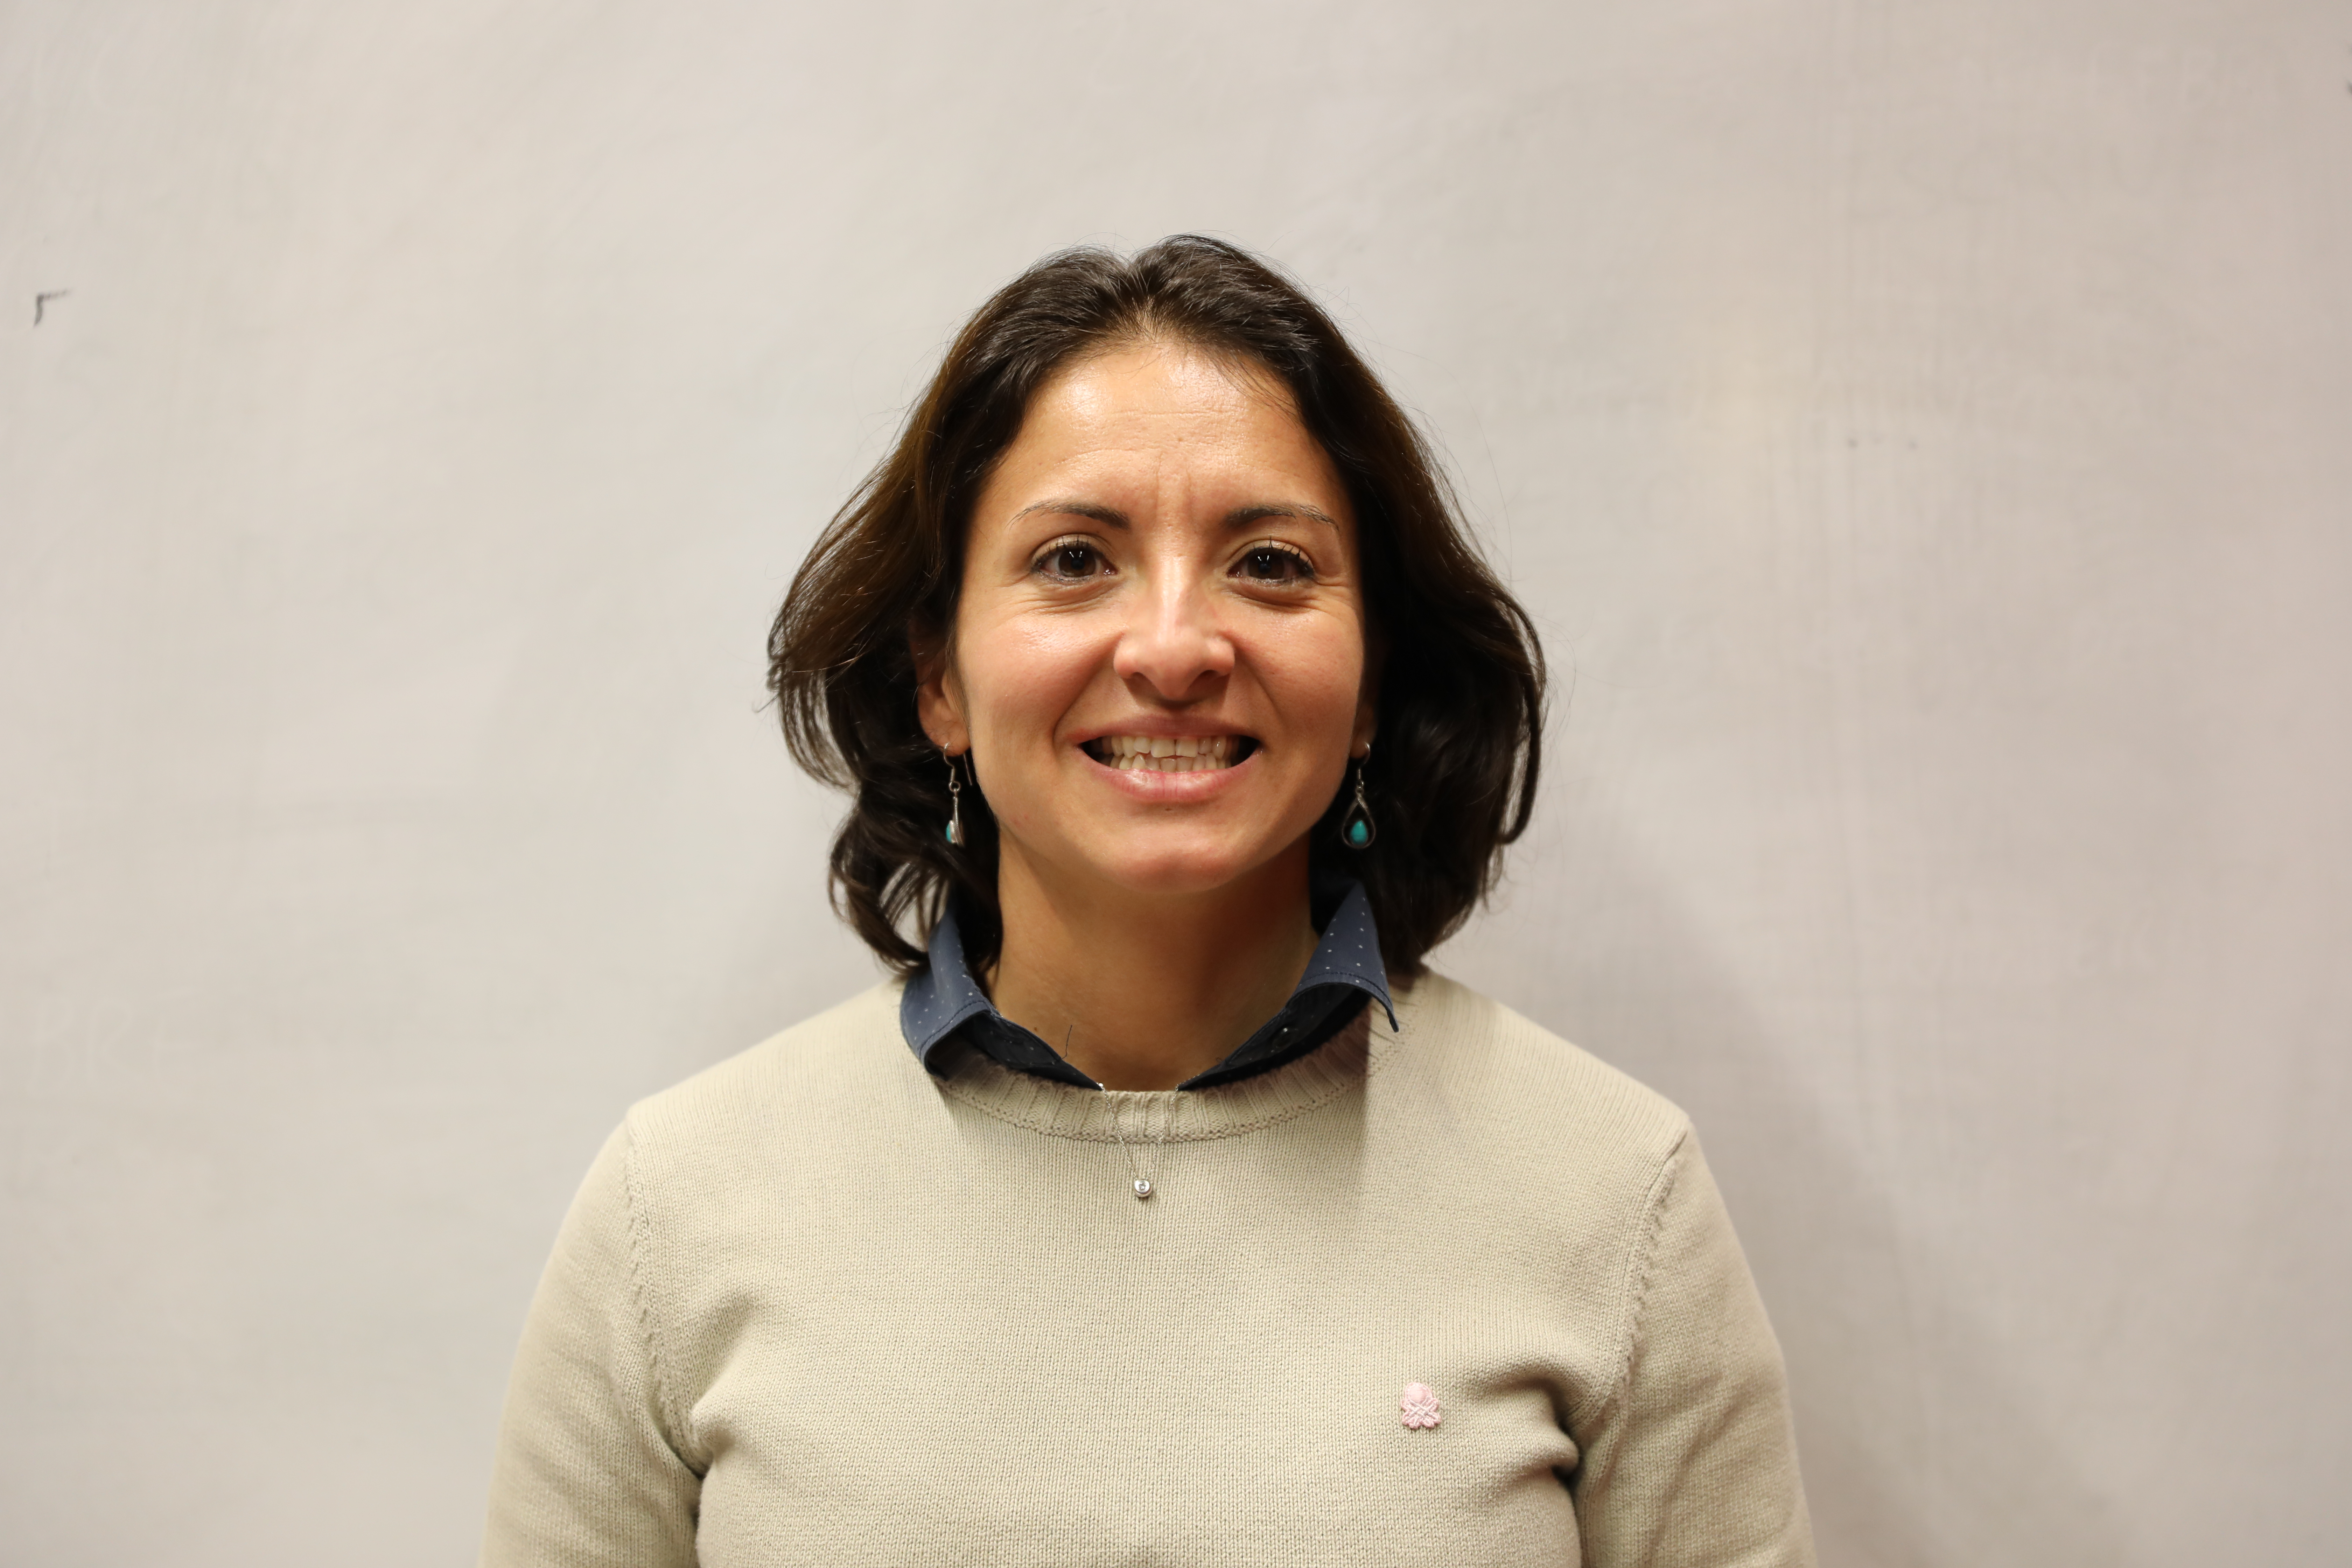 Manuela Matzeu